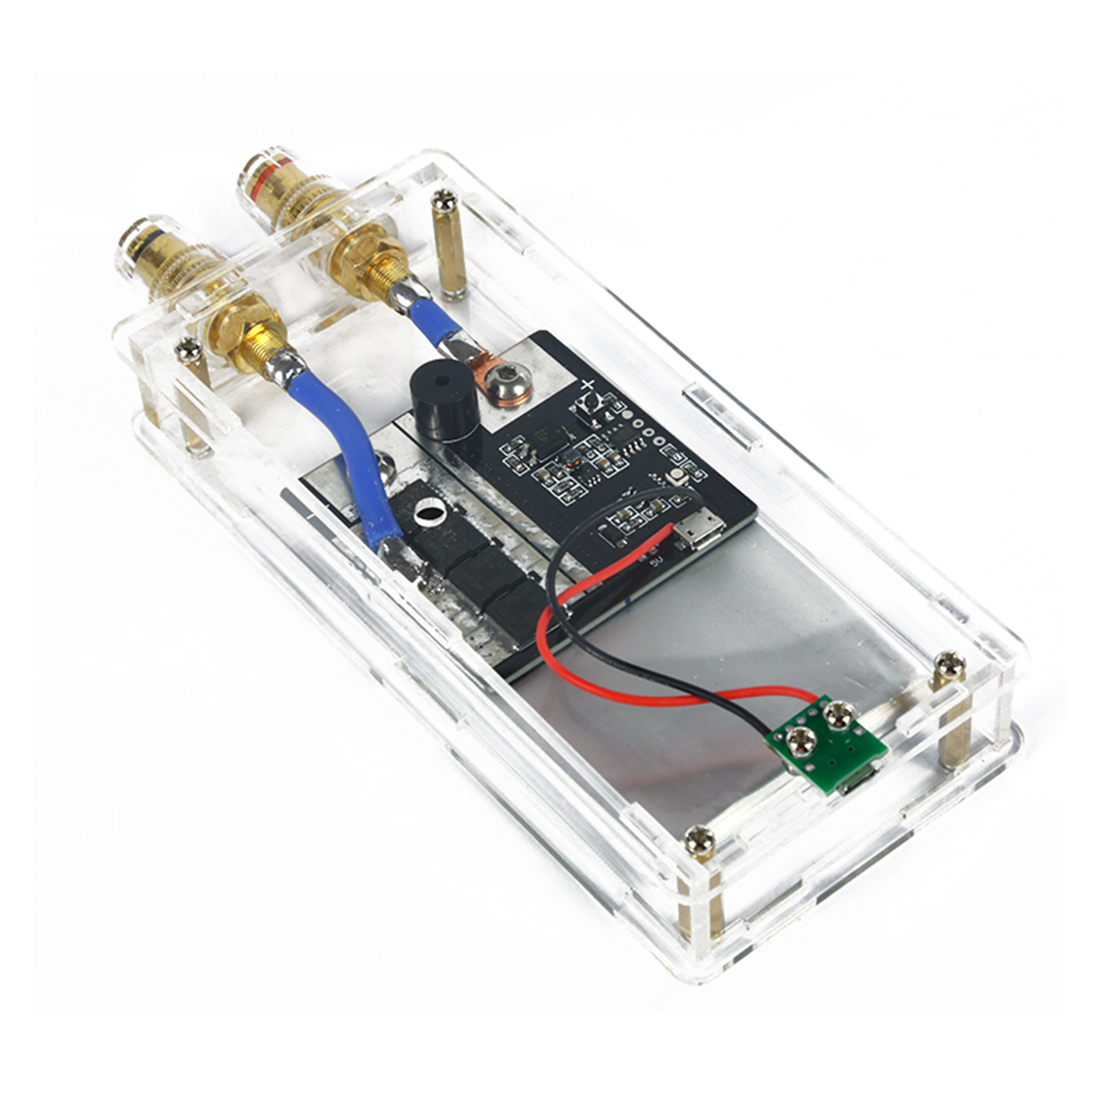 DIY Portable Spot Welder Nickel Sheet Fara Capacitor Spot Welder For 12V Power Supply Programming Toy Parts